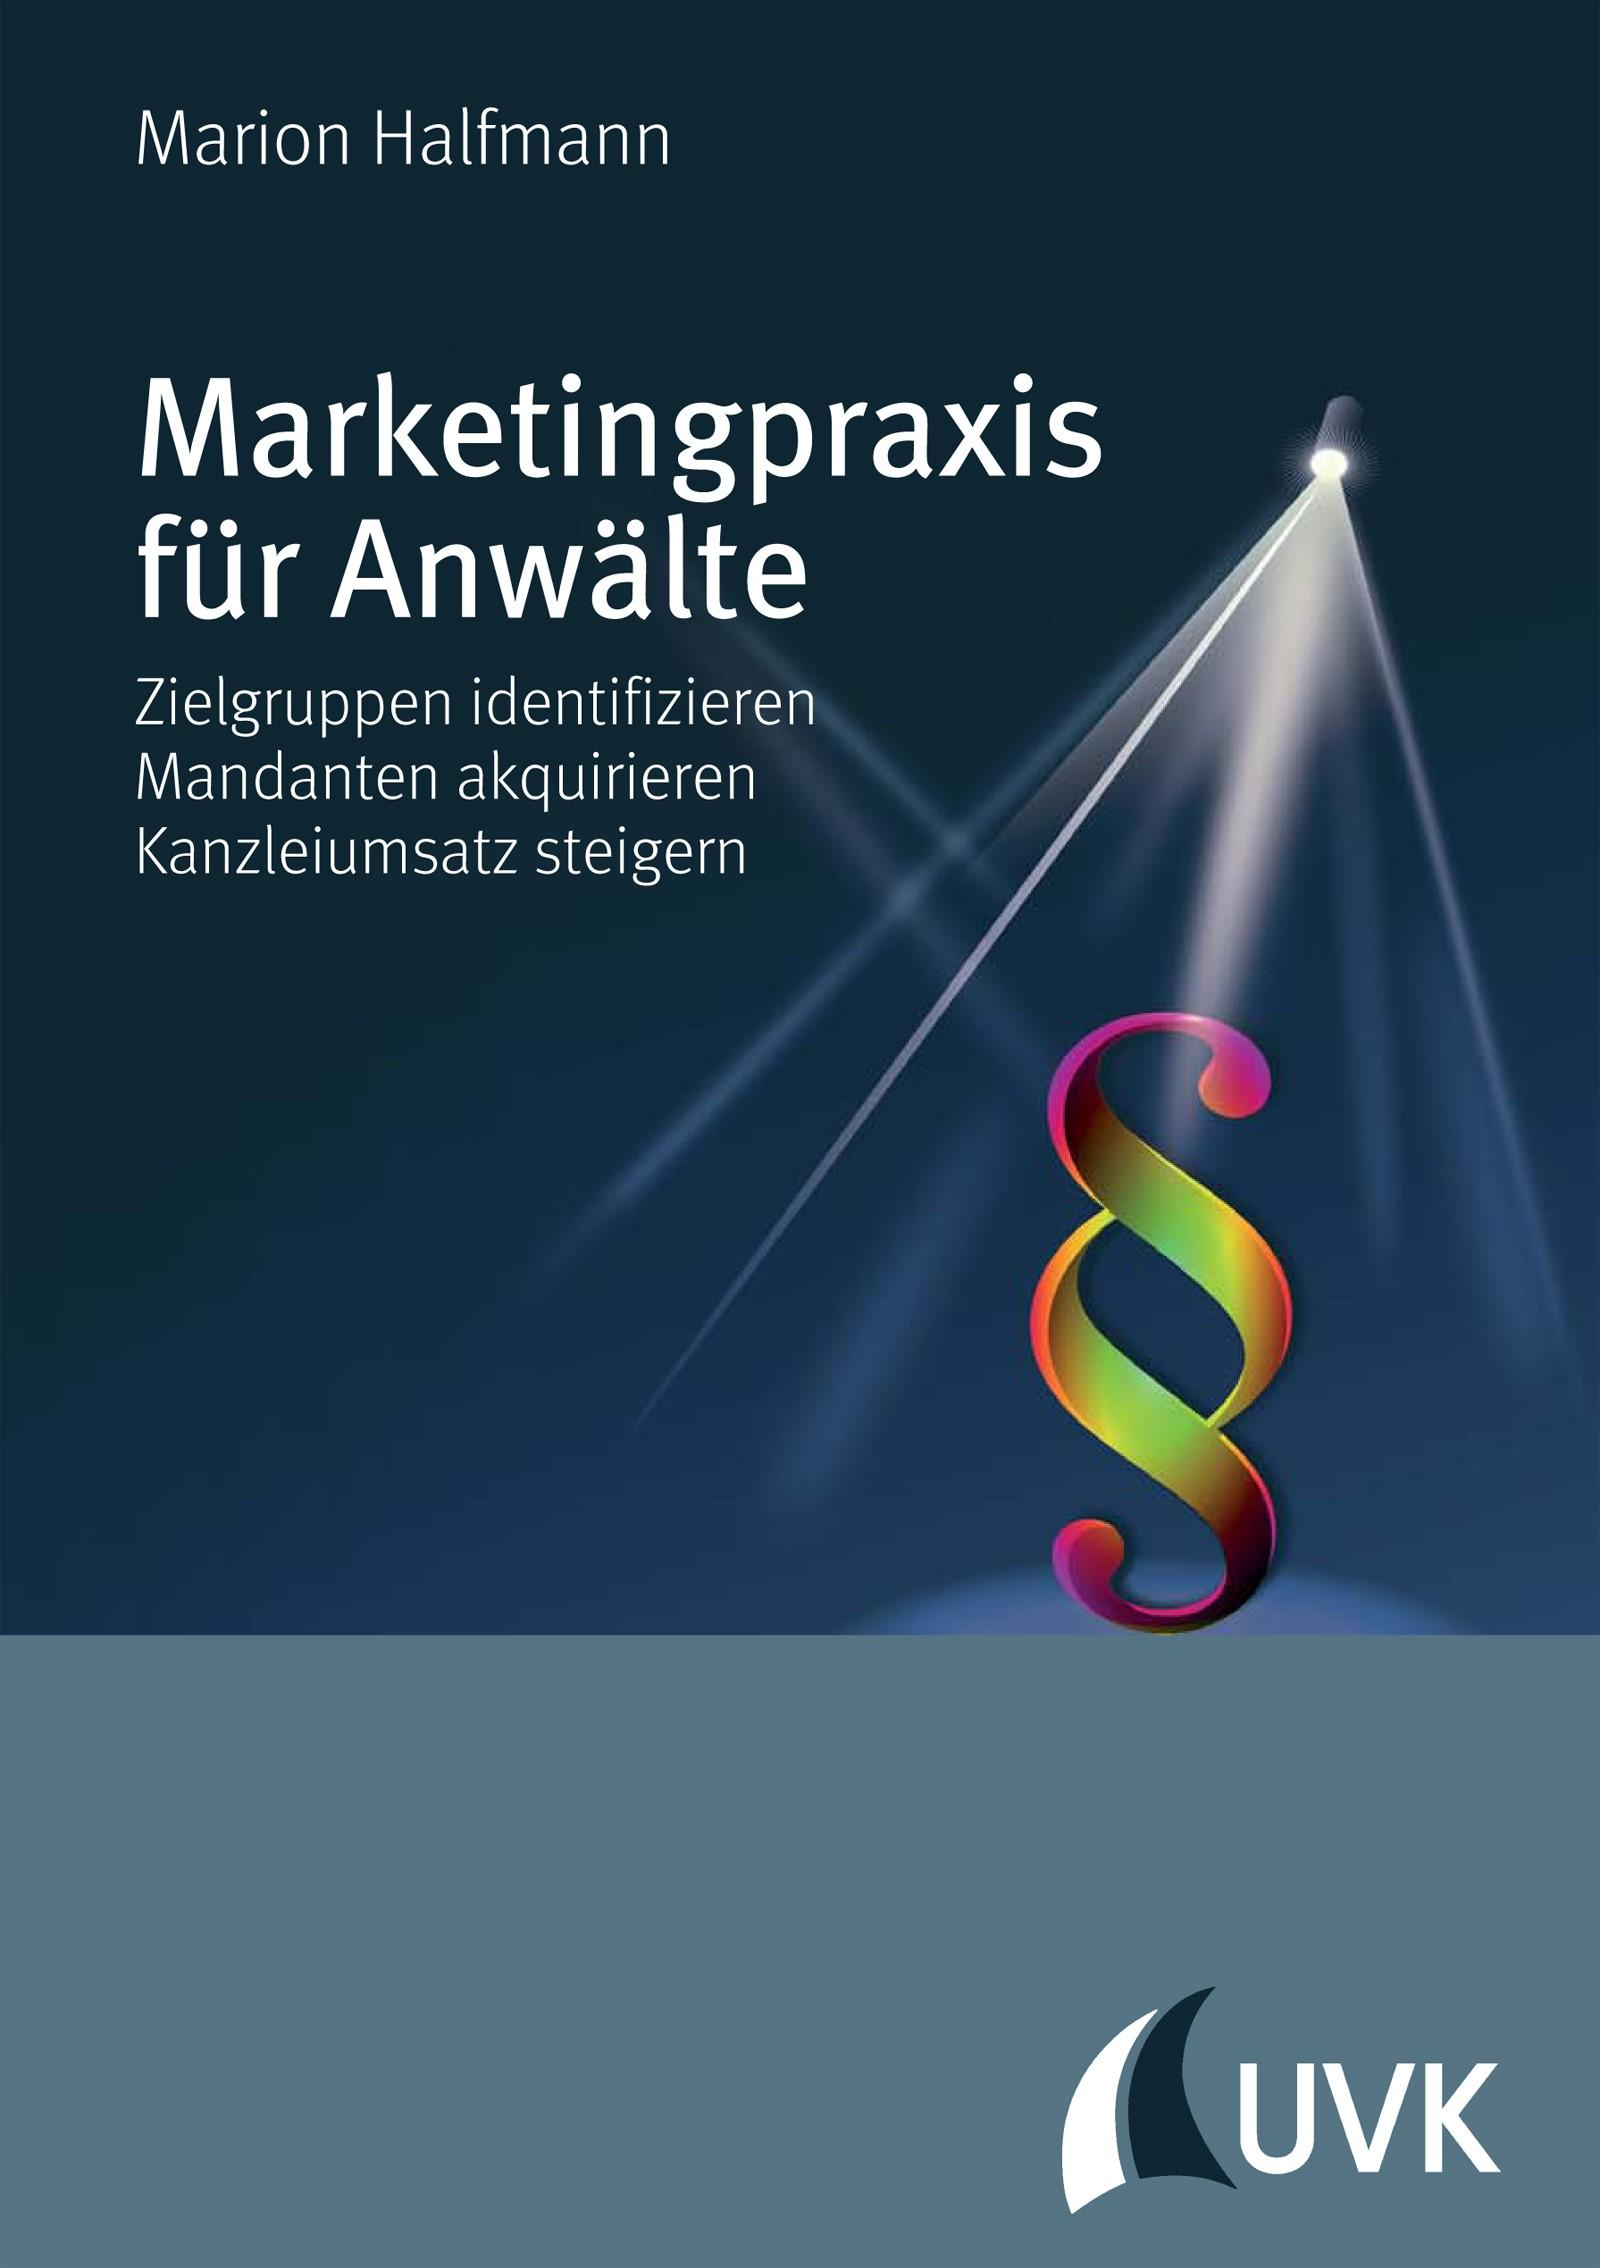 Marketingpraxis für Anwälte | Halfmann, 2016 | Buch (Cover)